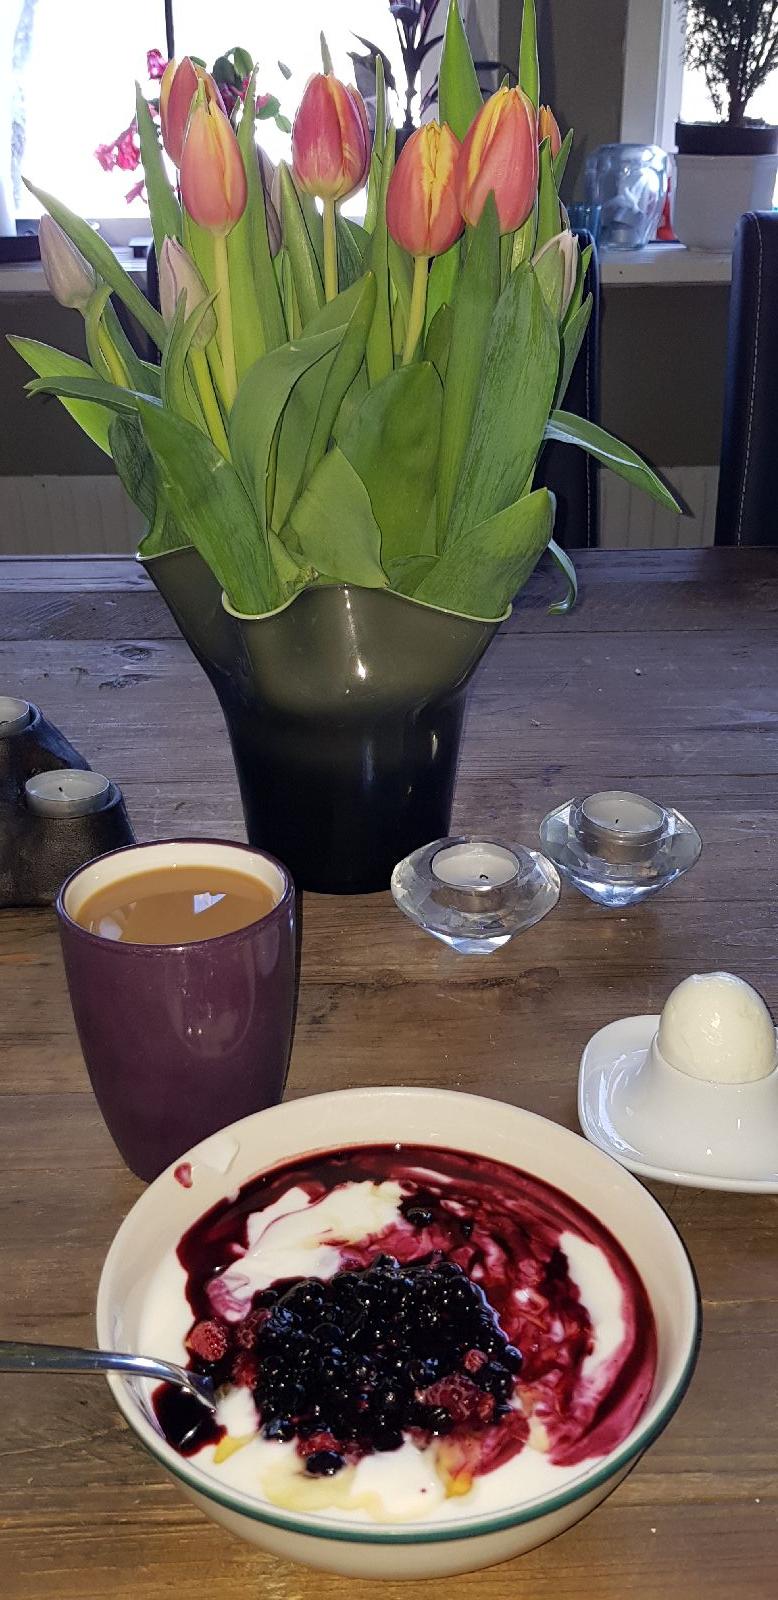 Favorit frukost gjorde en bra morgon ännu bättre